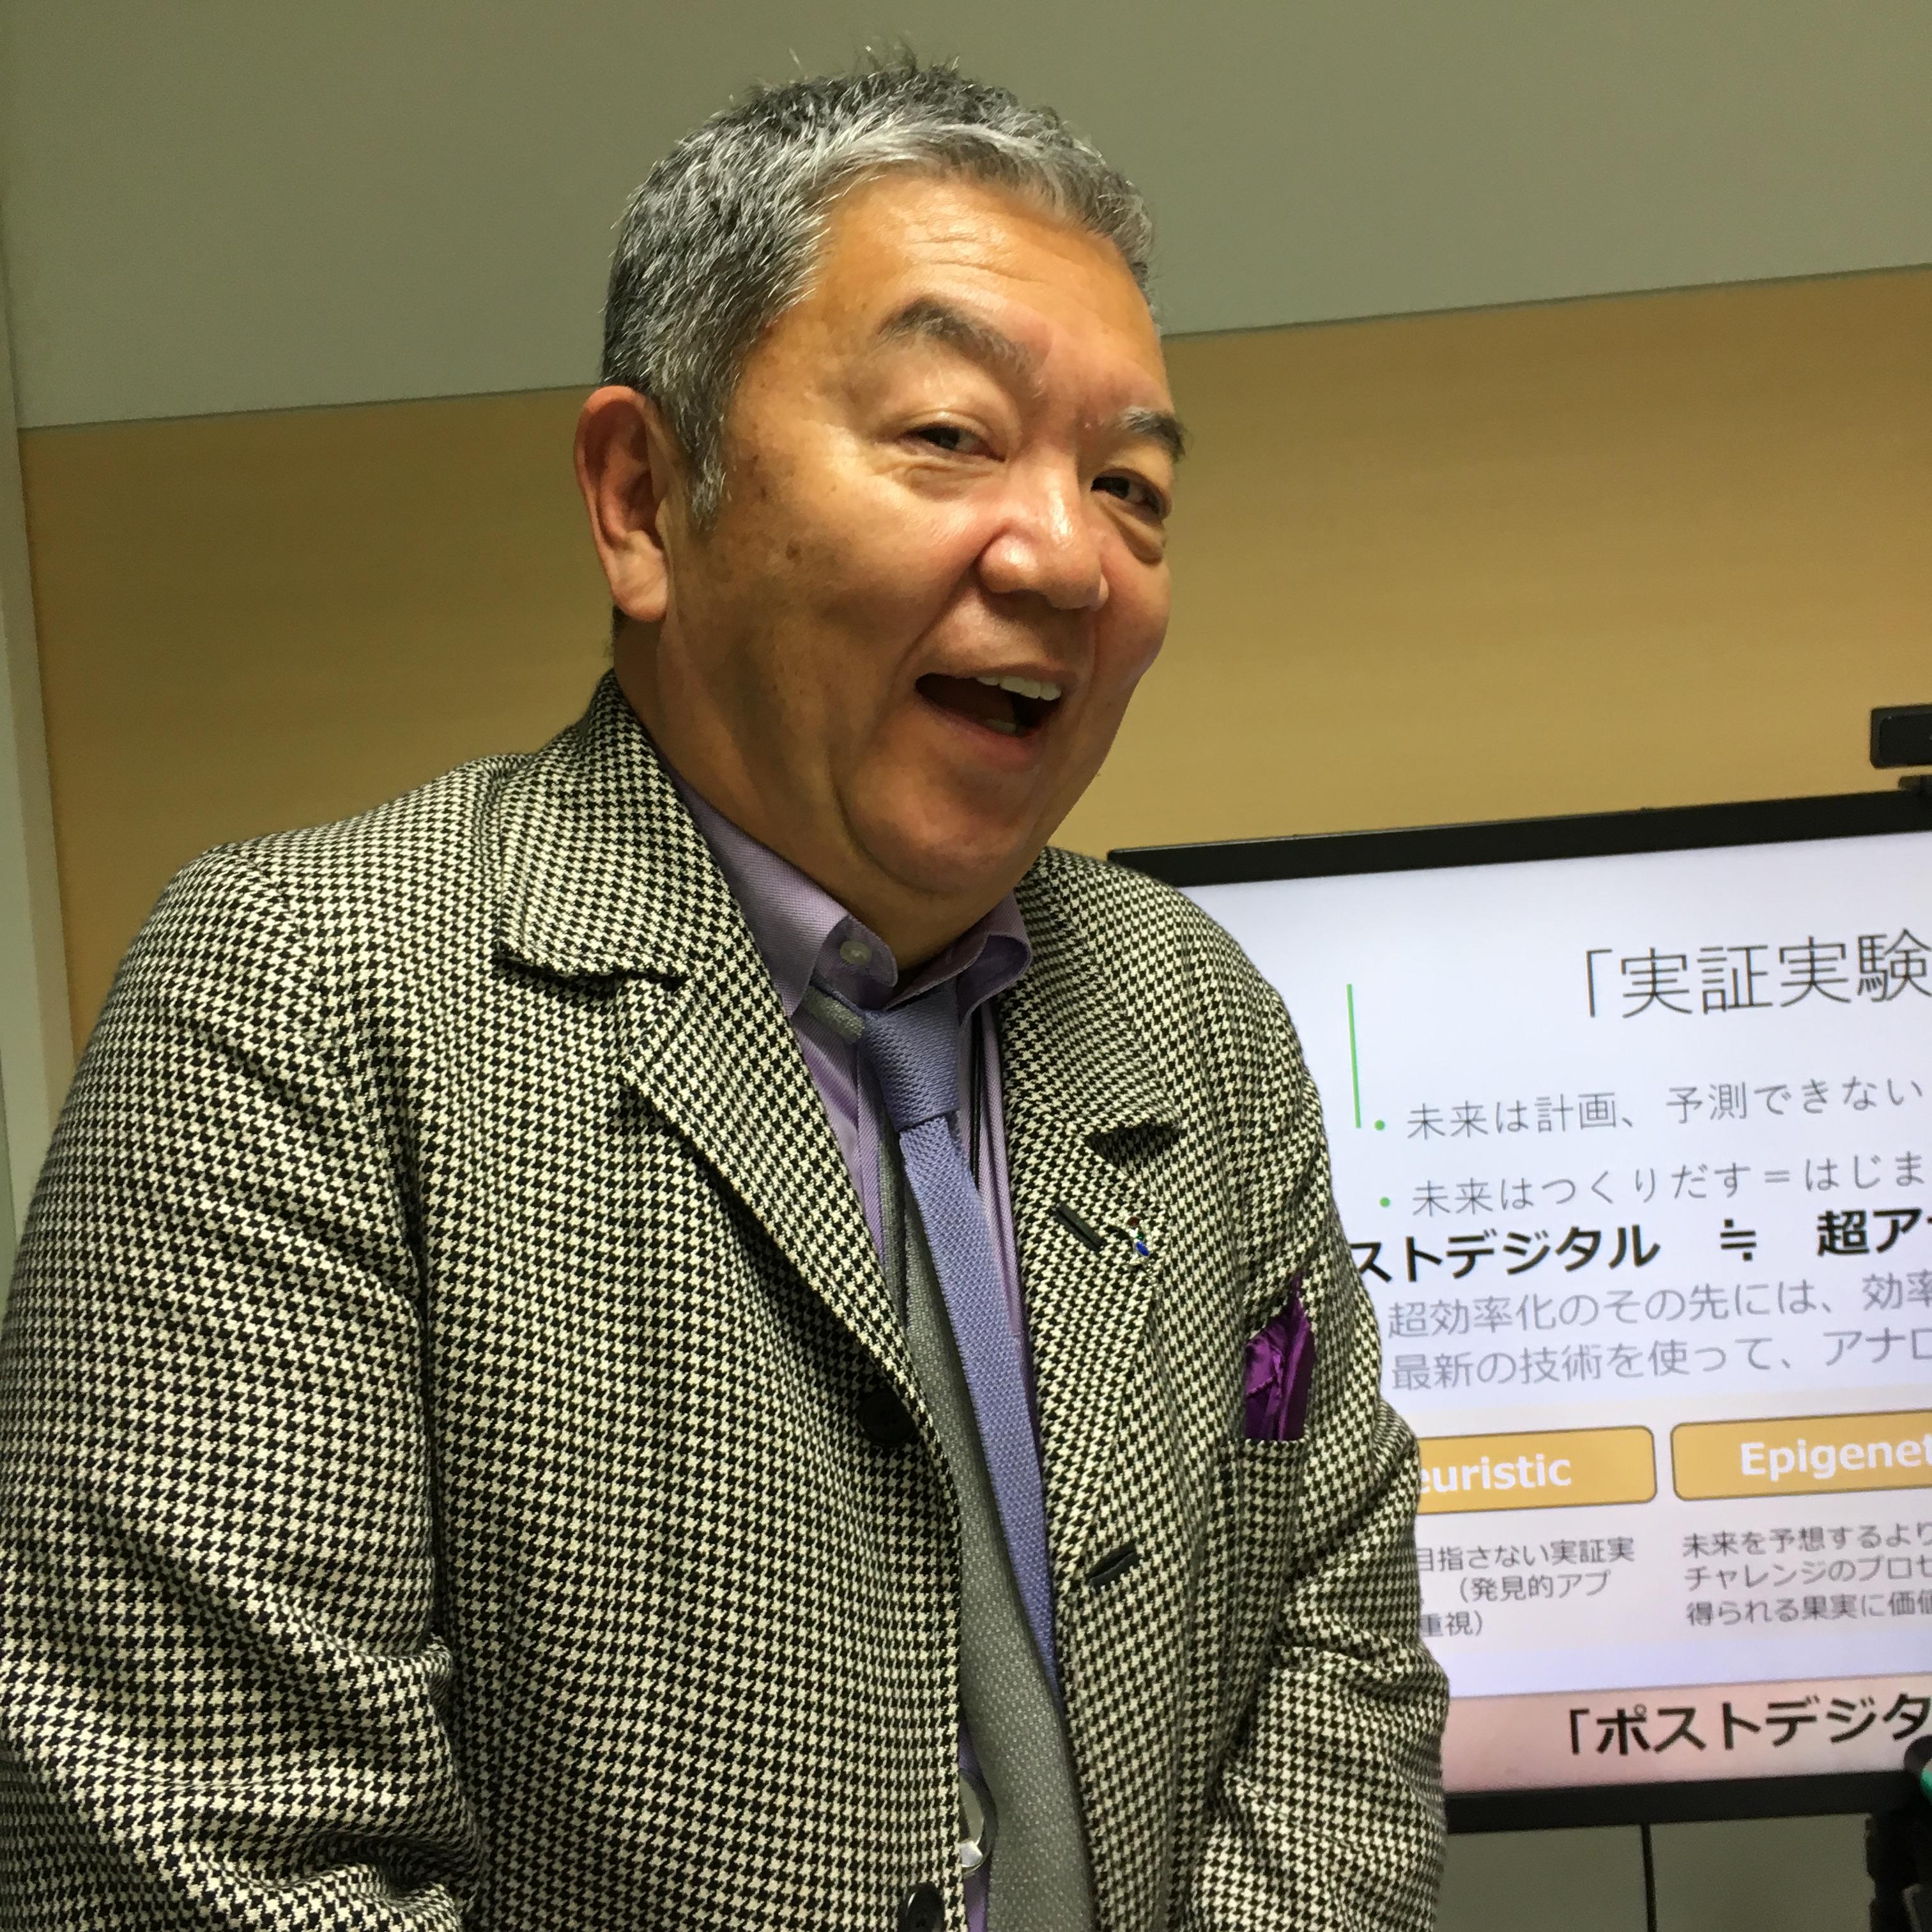 経営者インタビュー Vol.3 星野 晃一郎さん【株式会社ダンクソフト】